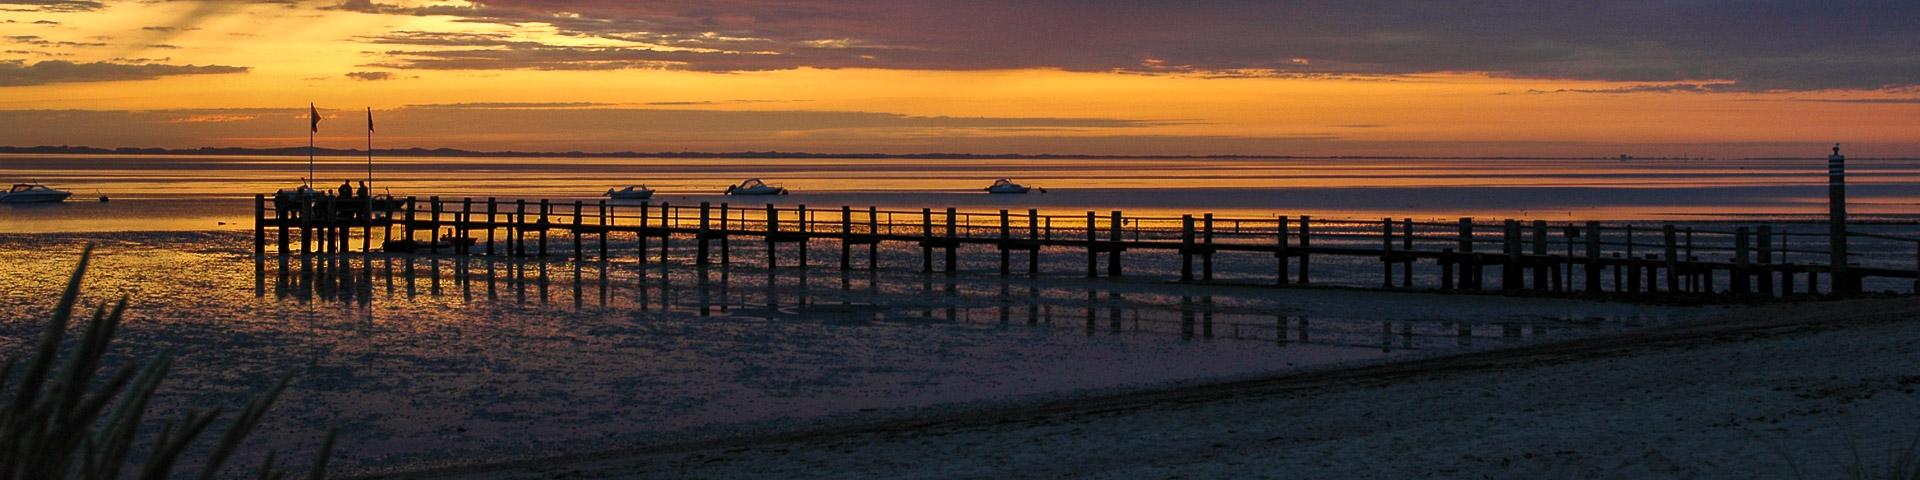 Am Strand in Utersum auf Föhr